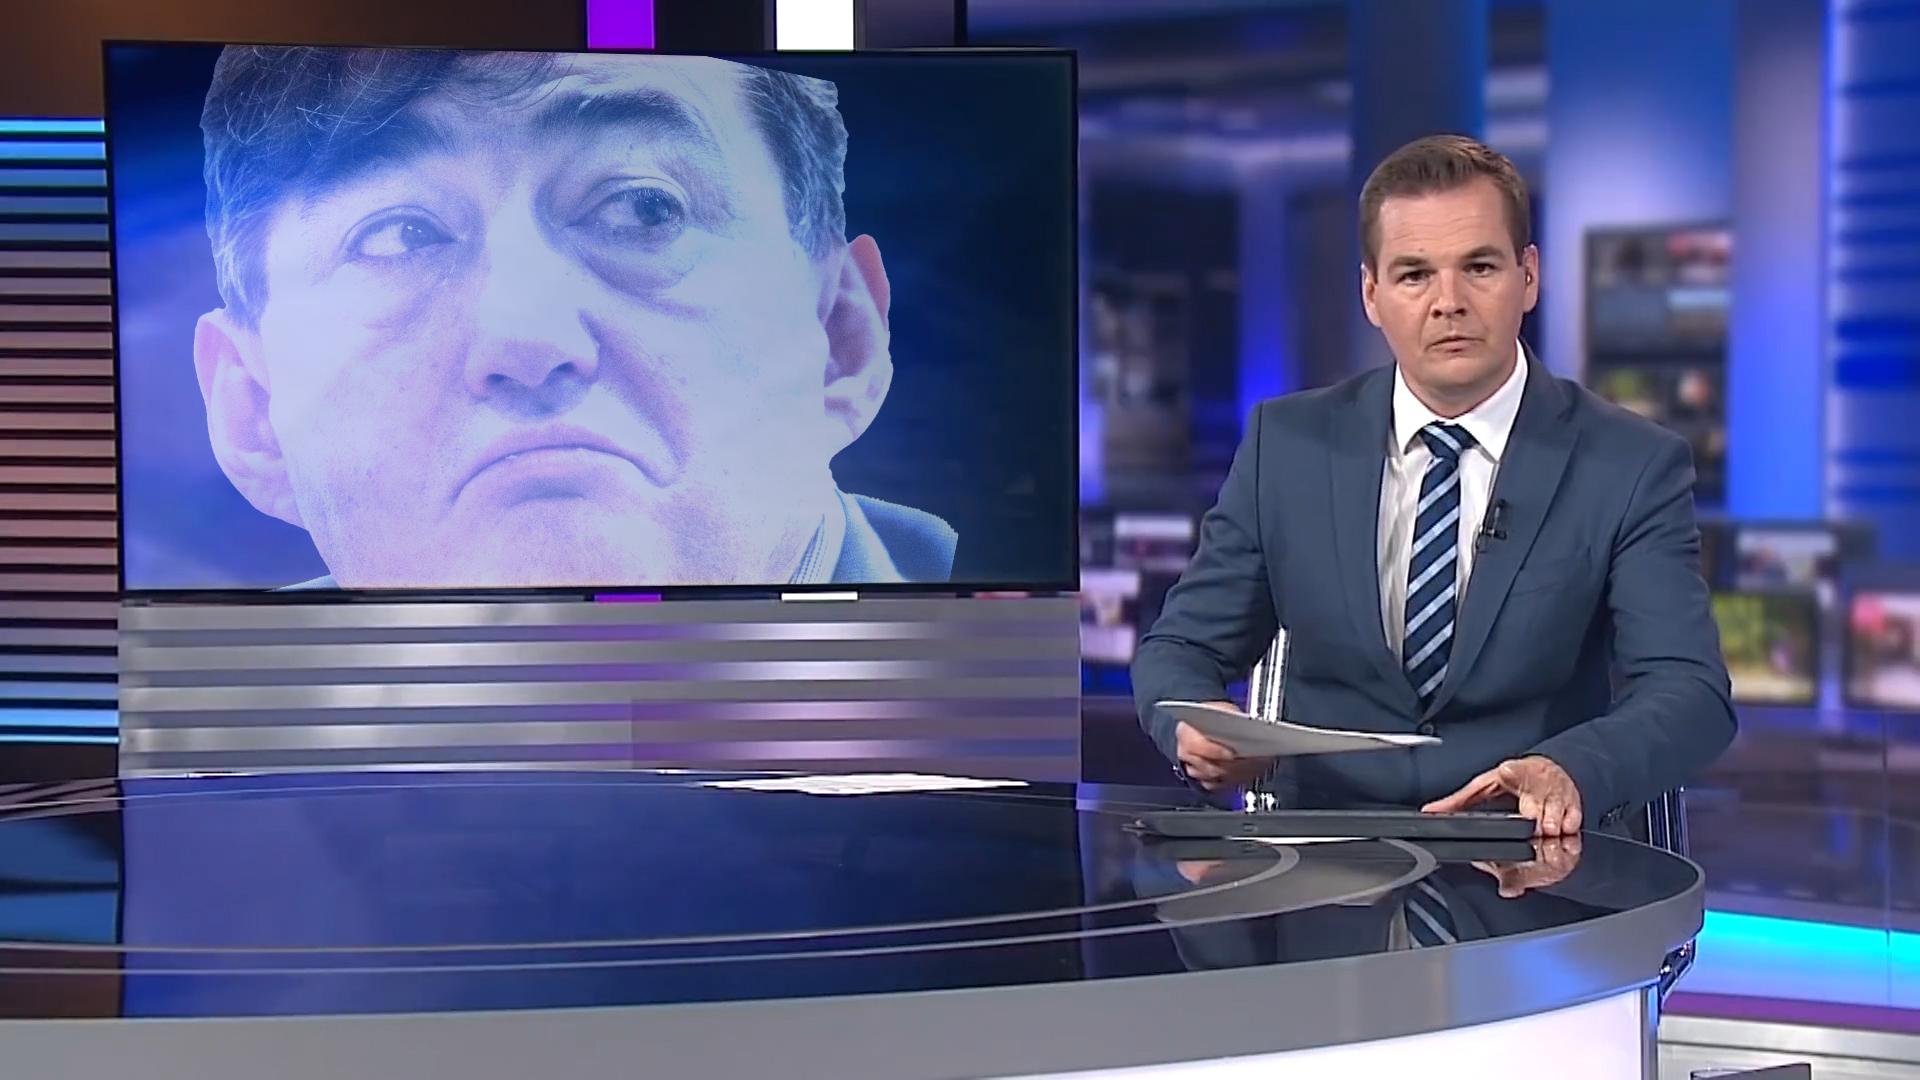 Az év utolsó napján írták alá szerződést, ami szerint Mészáros-cég értékesíti a következő három évben a közmédia hirdetési felületeit